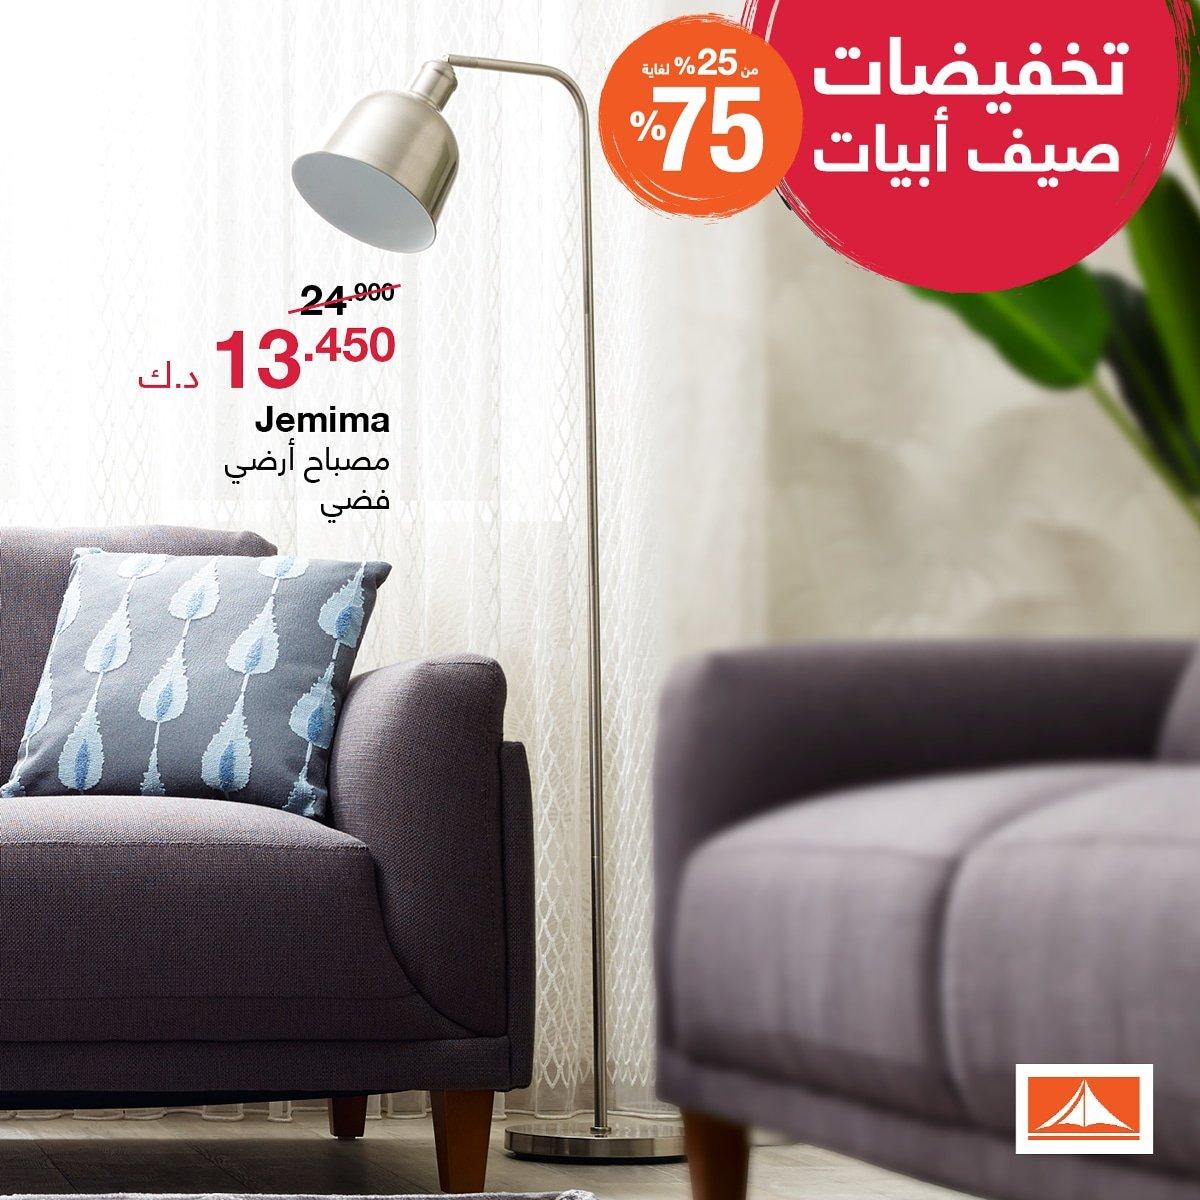 Abyat Kuwait On Twitter إضاءة تزيد من تميز جلستك اضاءة أبيات يمكنكم تصفح بروشور التخفيضات الذي يحتوي على أكثر من 2 000 منتج عليها تخفيضات تصل حتى 75 عن طريق الضغط